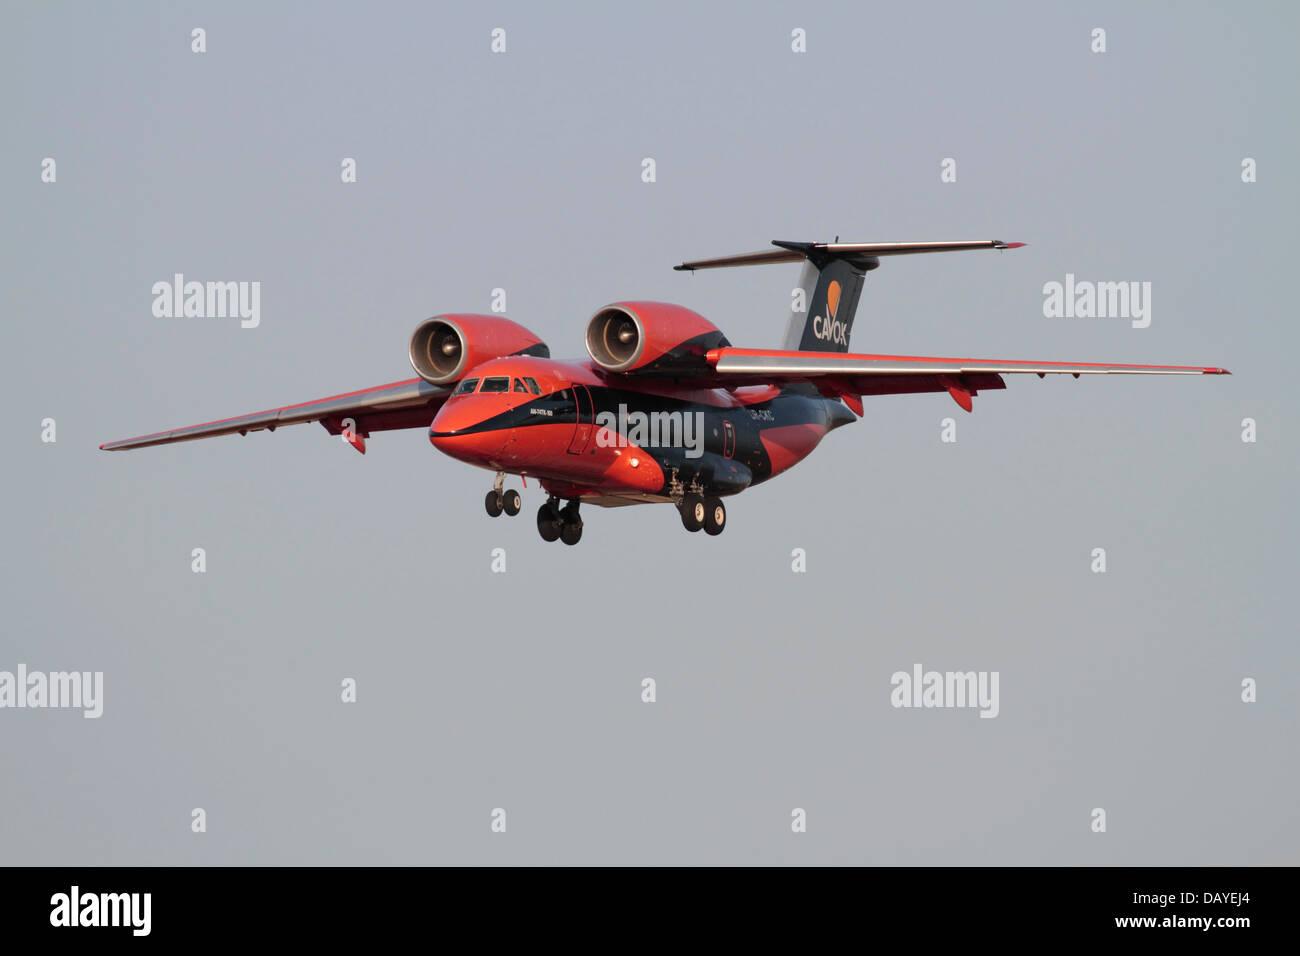 Transport de fret aérien. Antonov AN-74 cargo dans les couleurs de l'opérateur ukrainien Air Cavok, Photo Stock